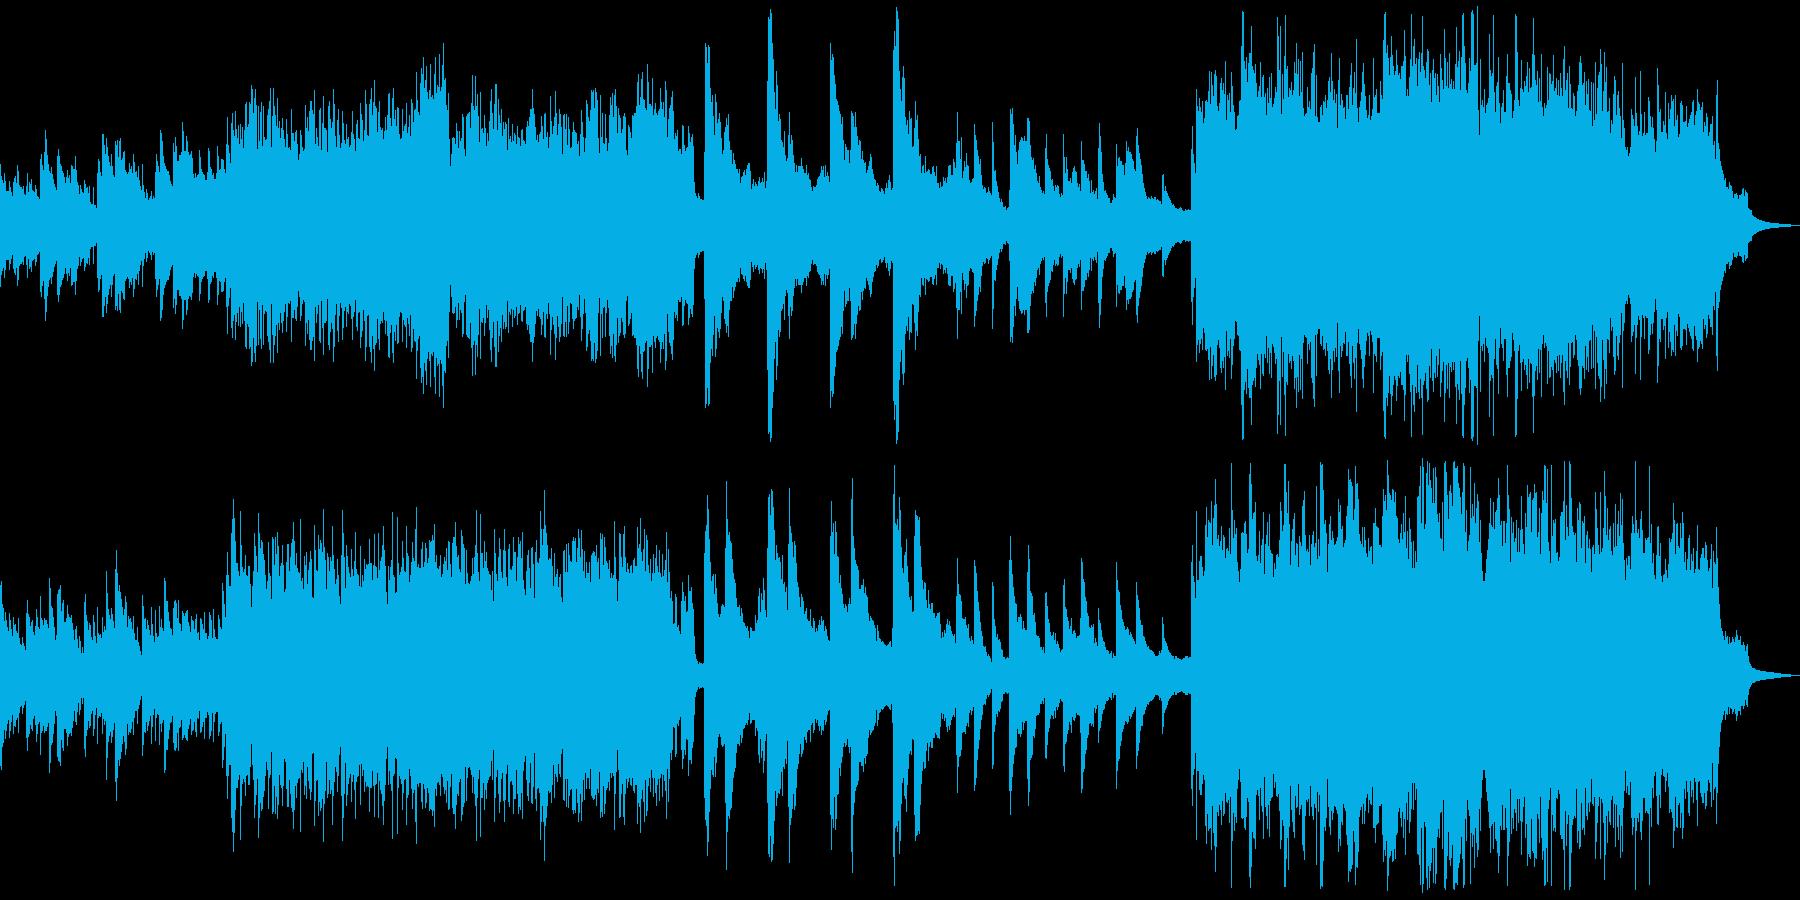 時計が動いているのをイメージした曲の再生済みの波形